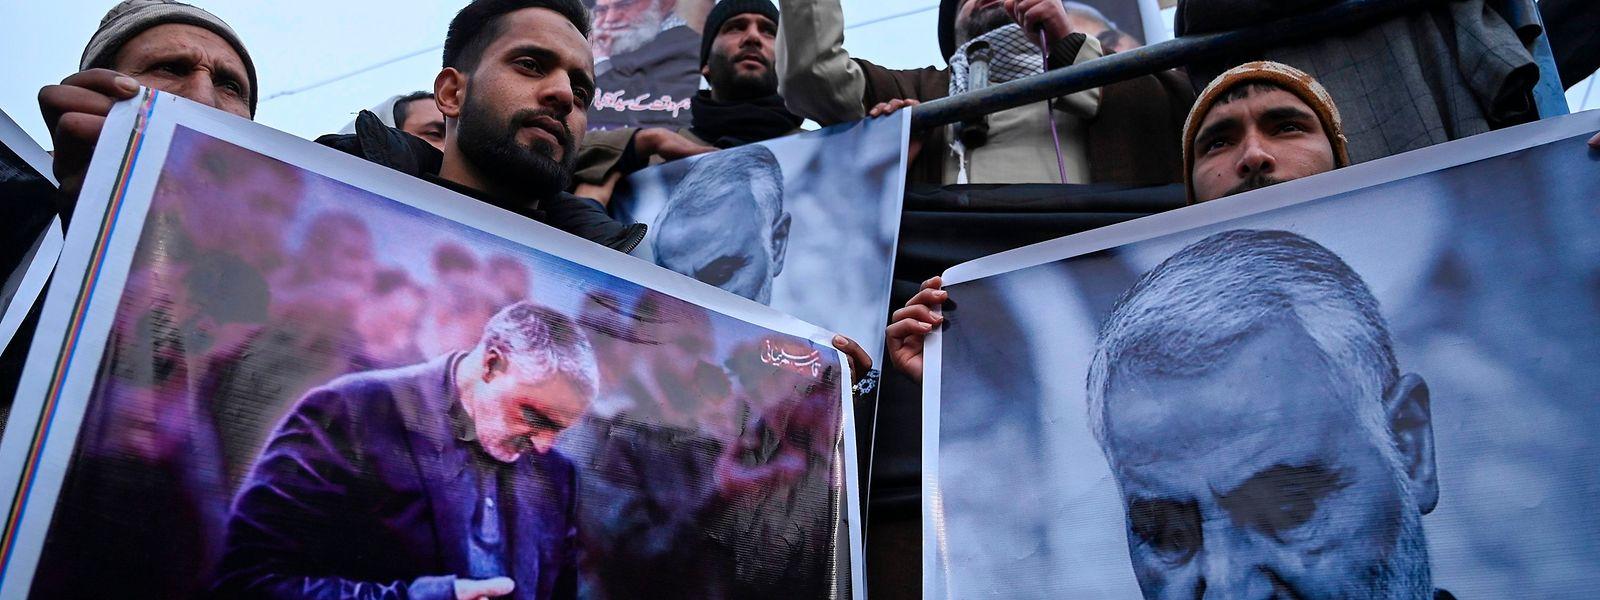 Manifestantes anti-Estados-Unidos seguram cartazes com o rosto de Soleimani, na Índia